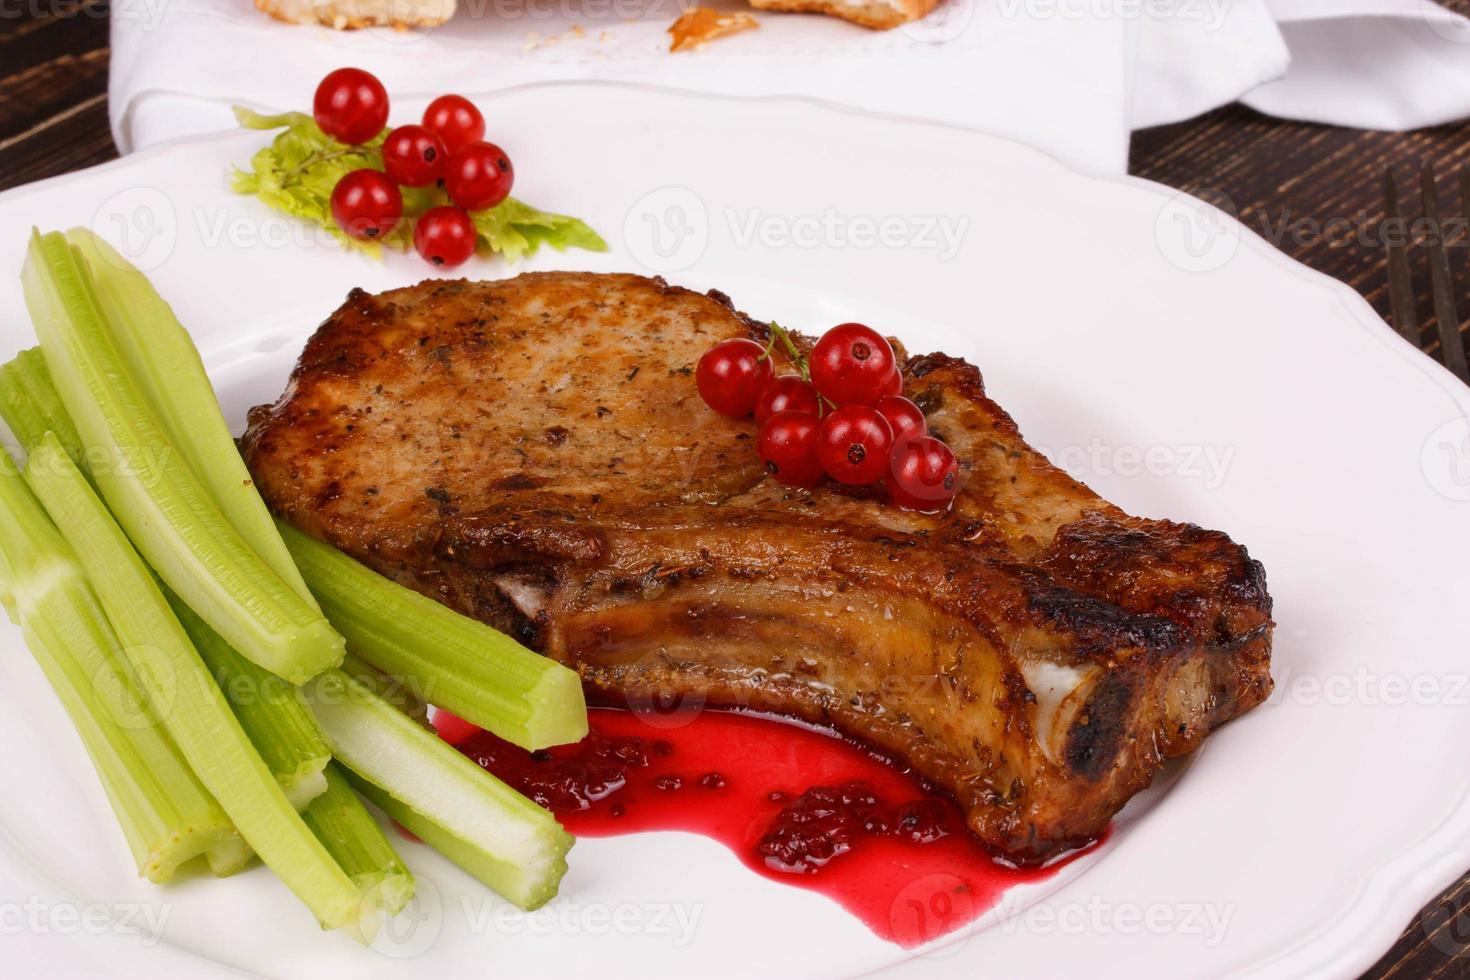 chuleta de cerdo frita con salsa de grosella roja y apio foto